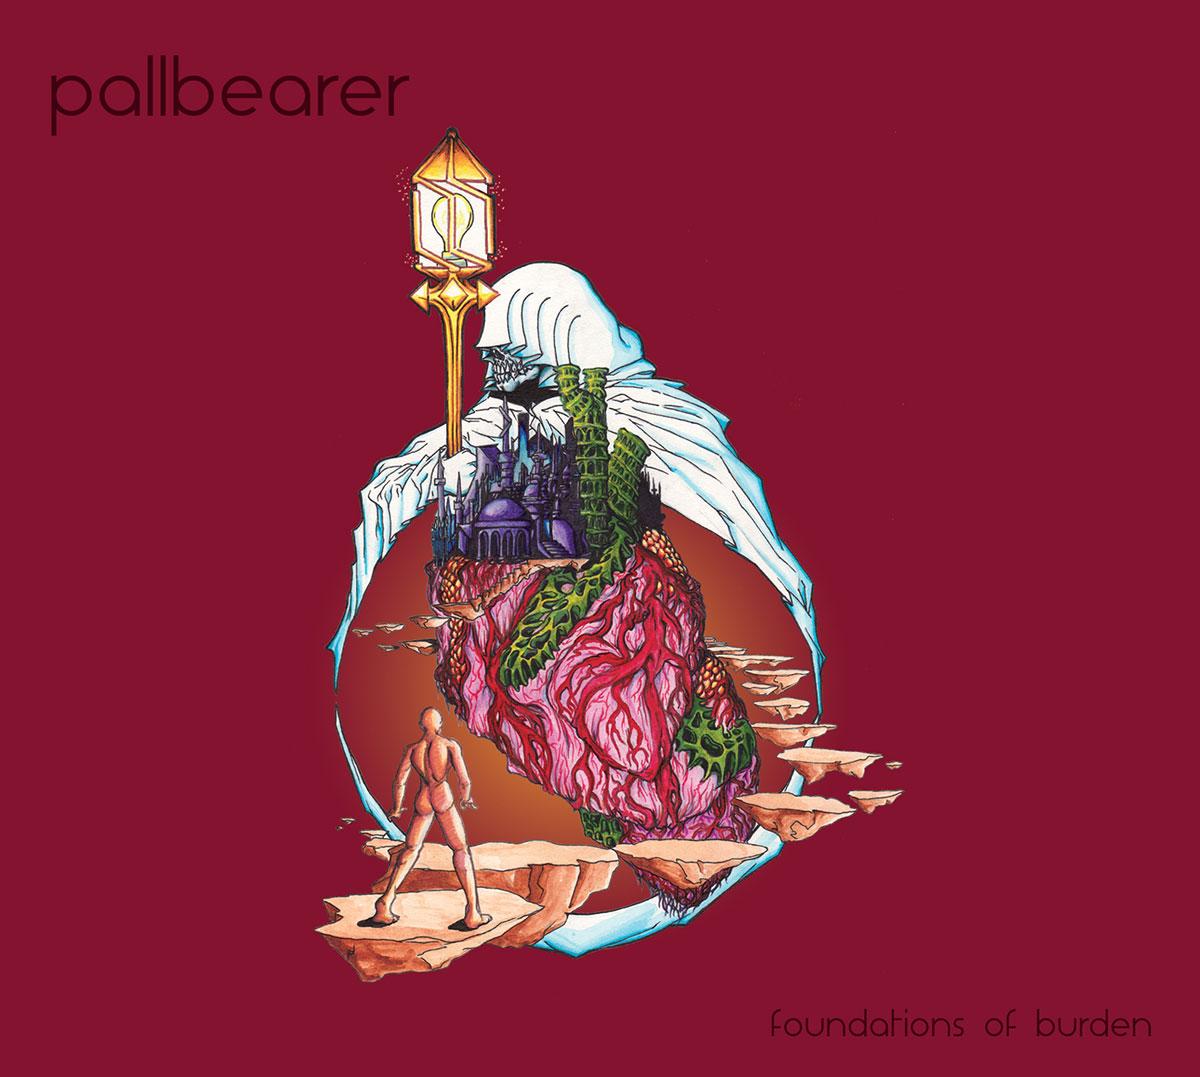 Pallbearer • Foundations of Burden